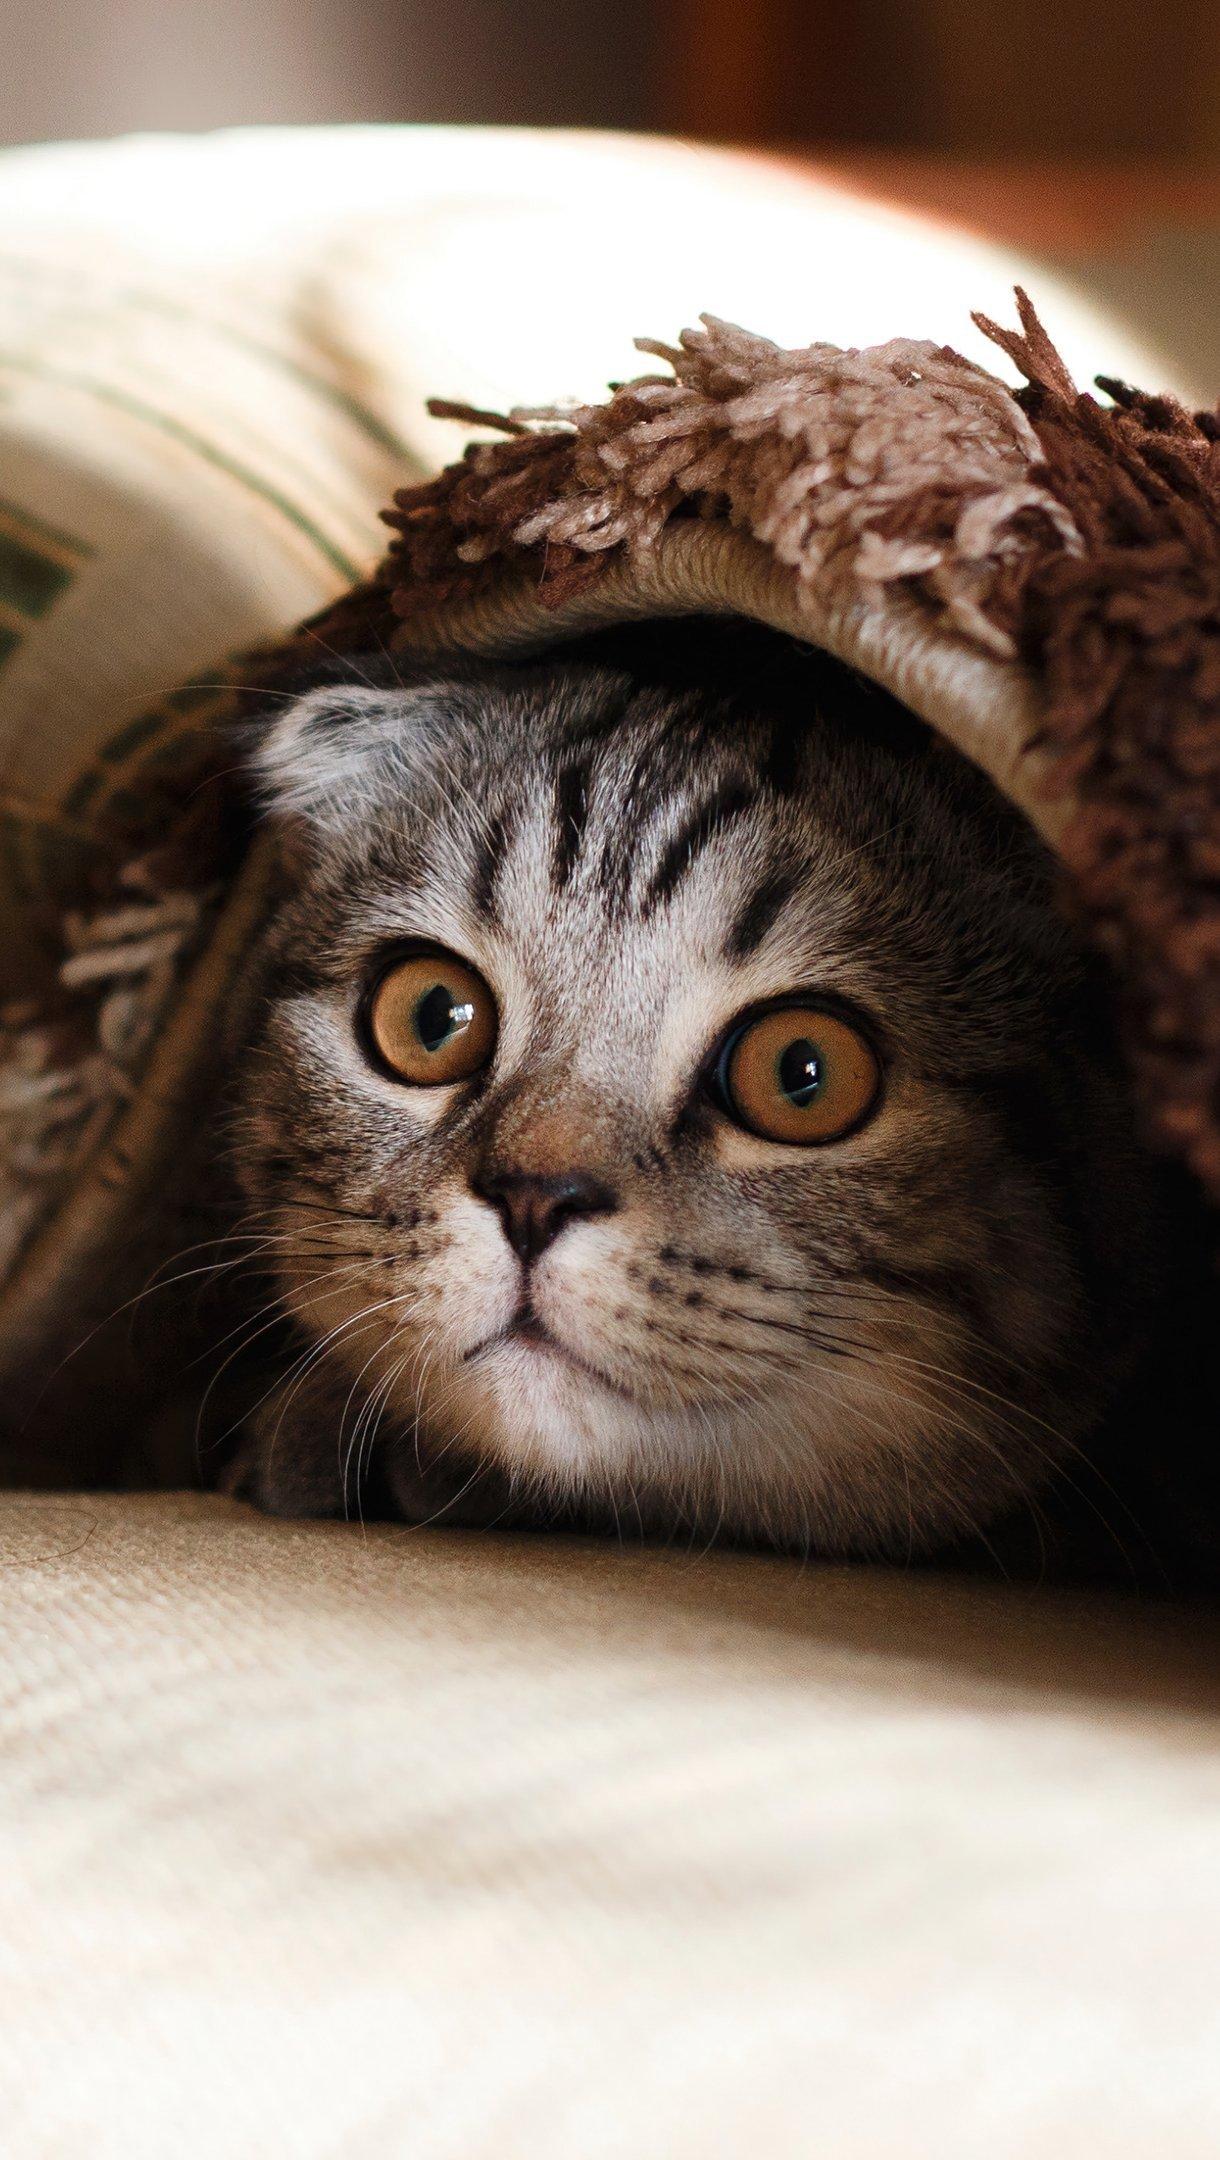 Fondos de pantalla Gato escondiendose en cobijas Vertical